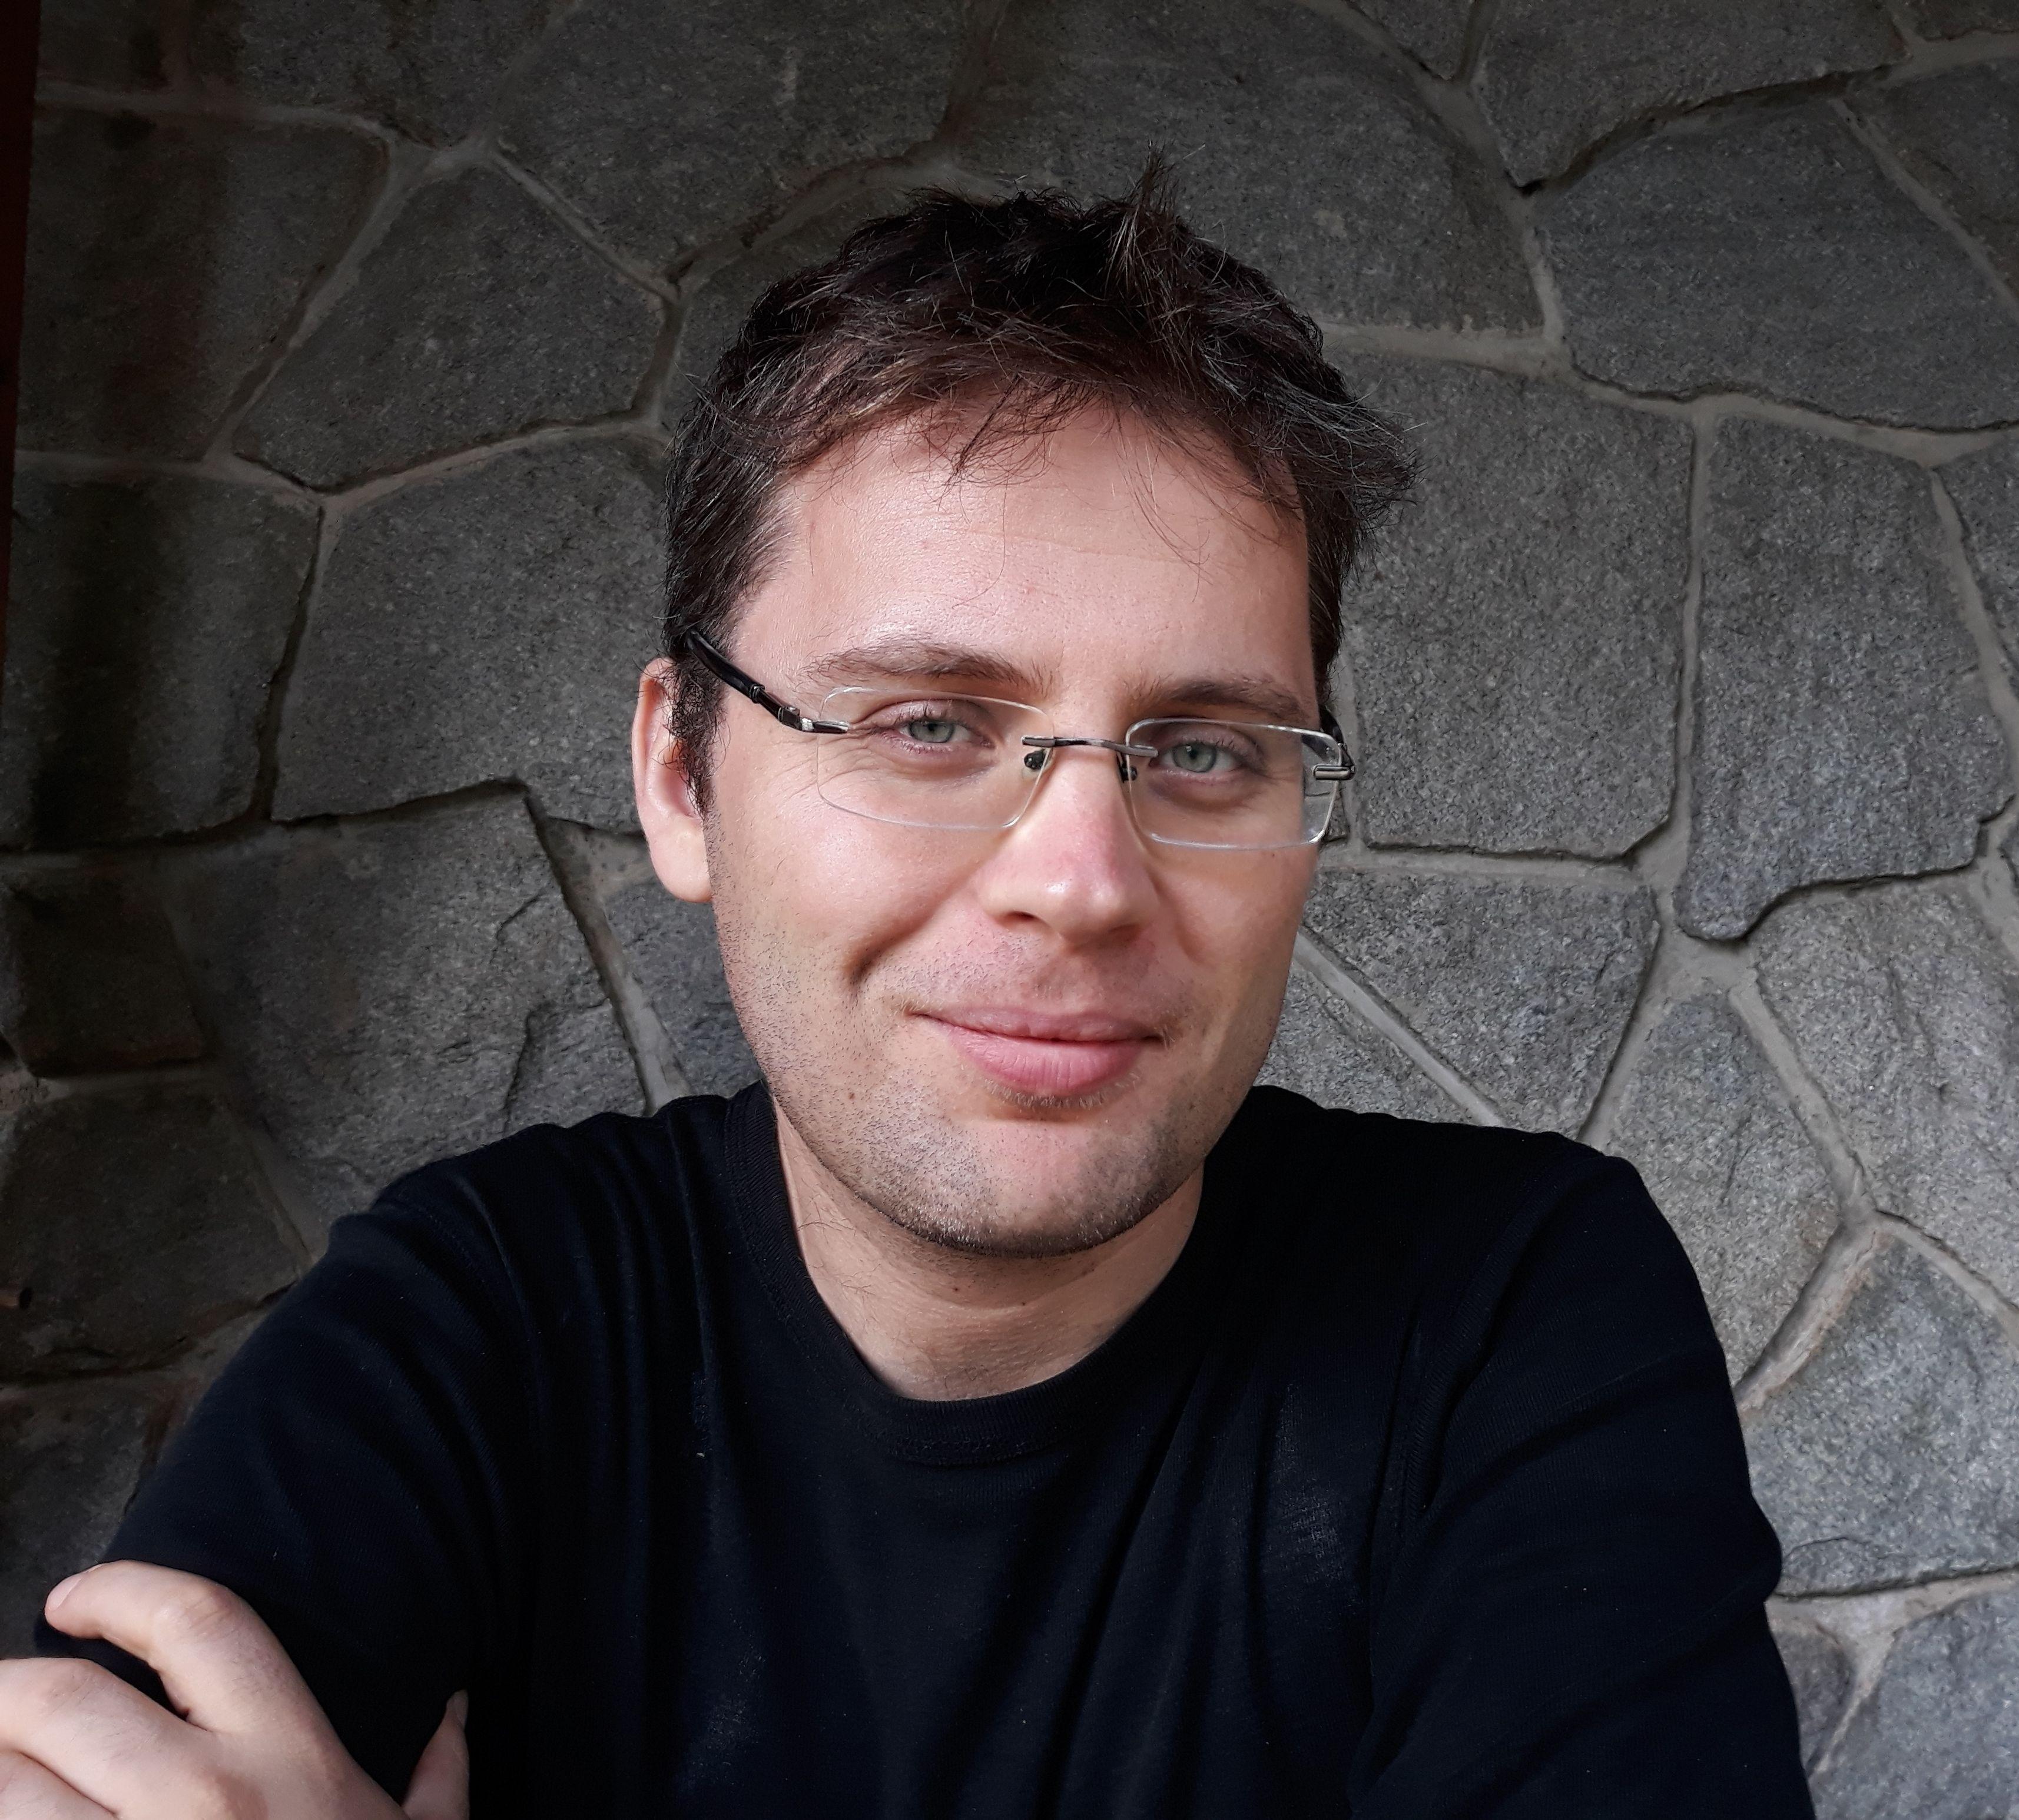 Koloh Gábor